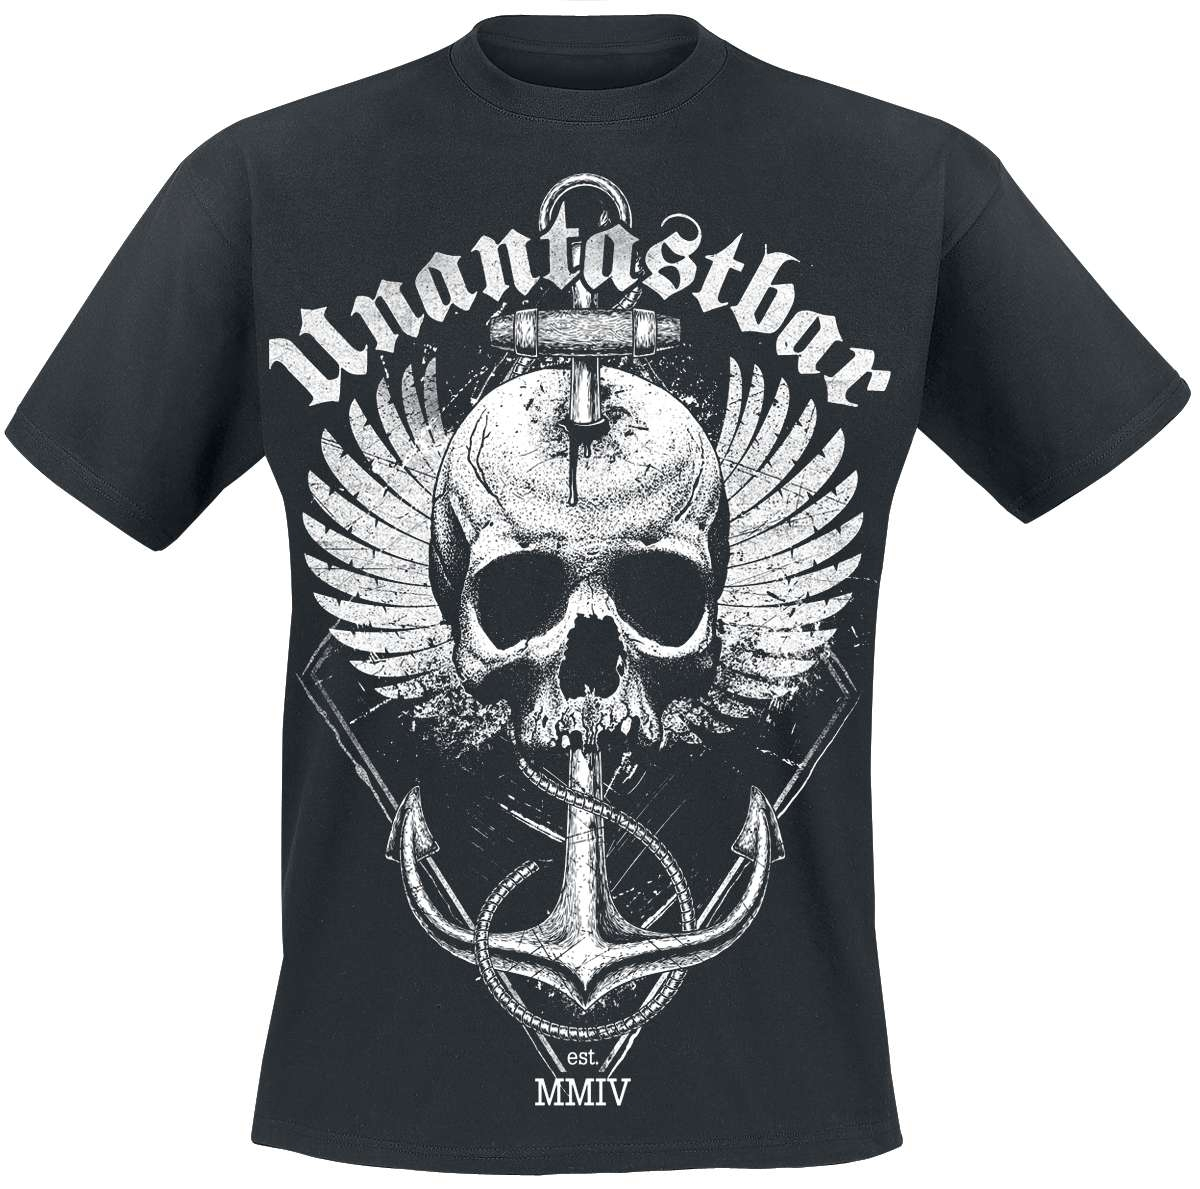 Unantastbar - Nie wieder fallen, T-Shirt